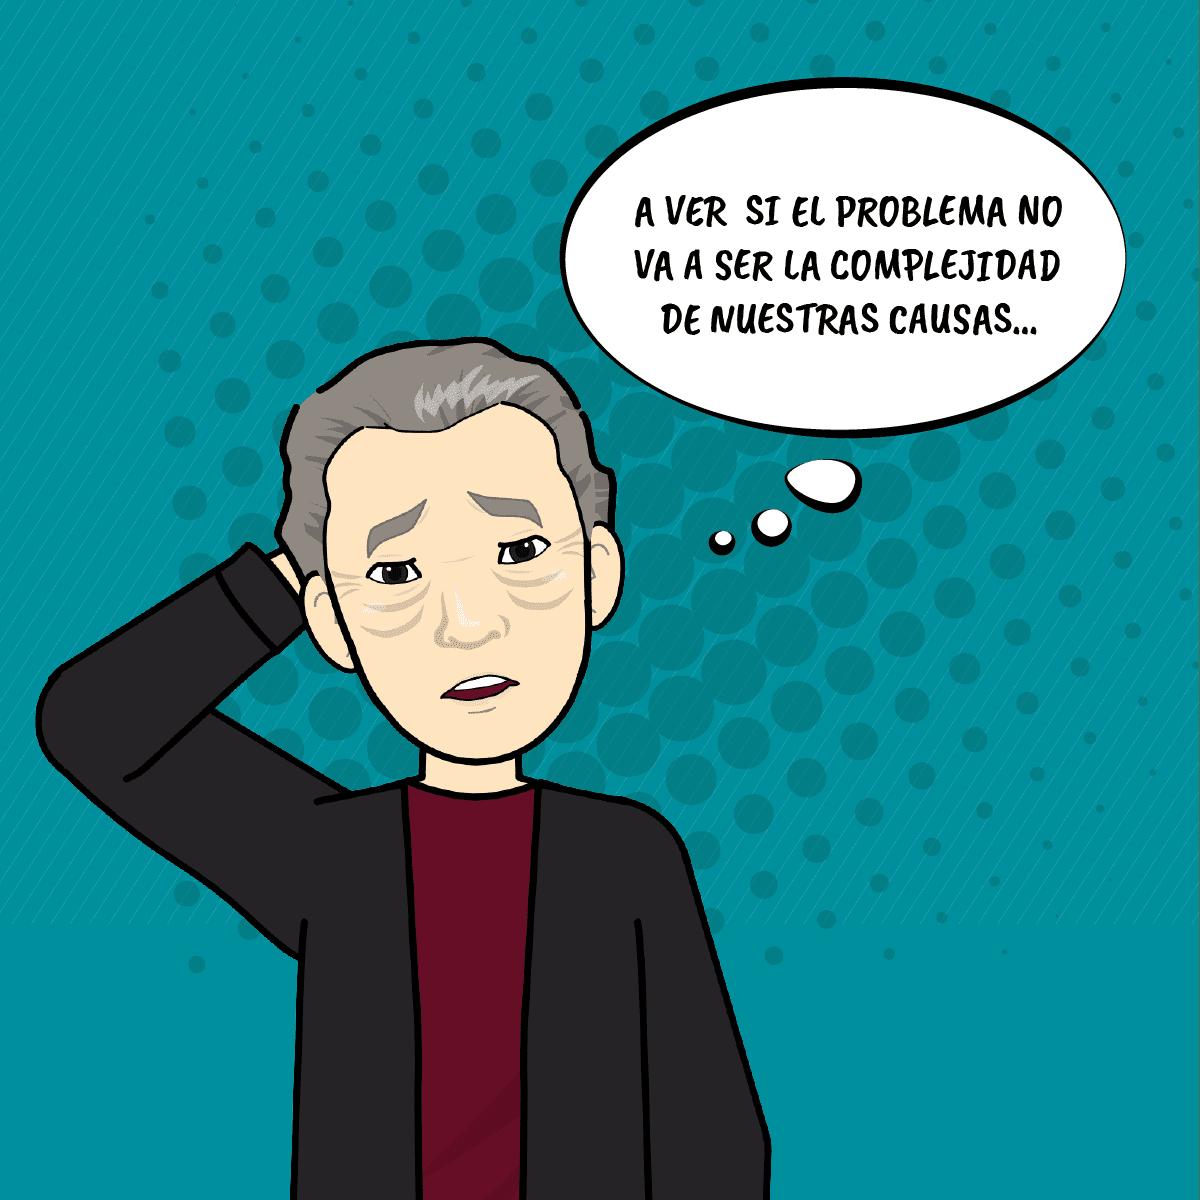 ONGAWA